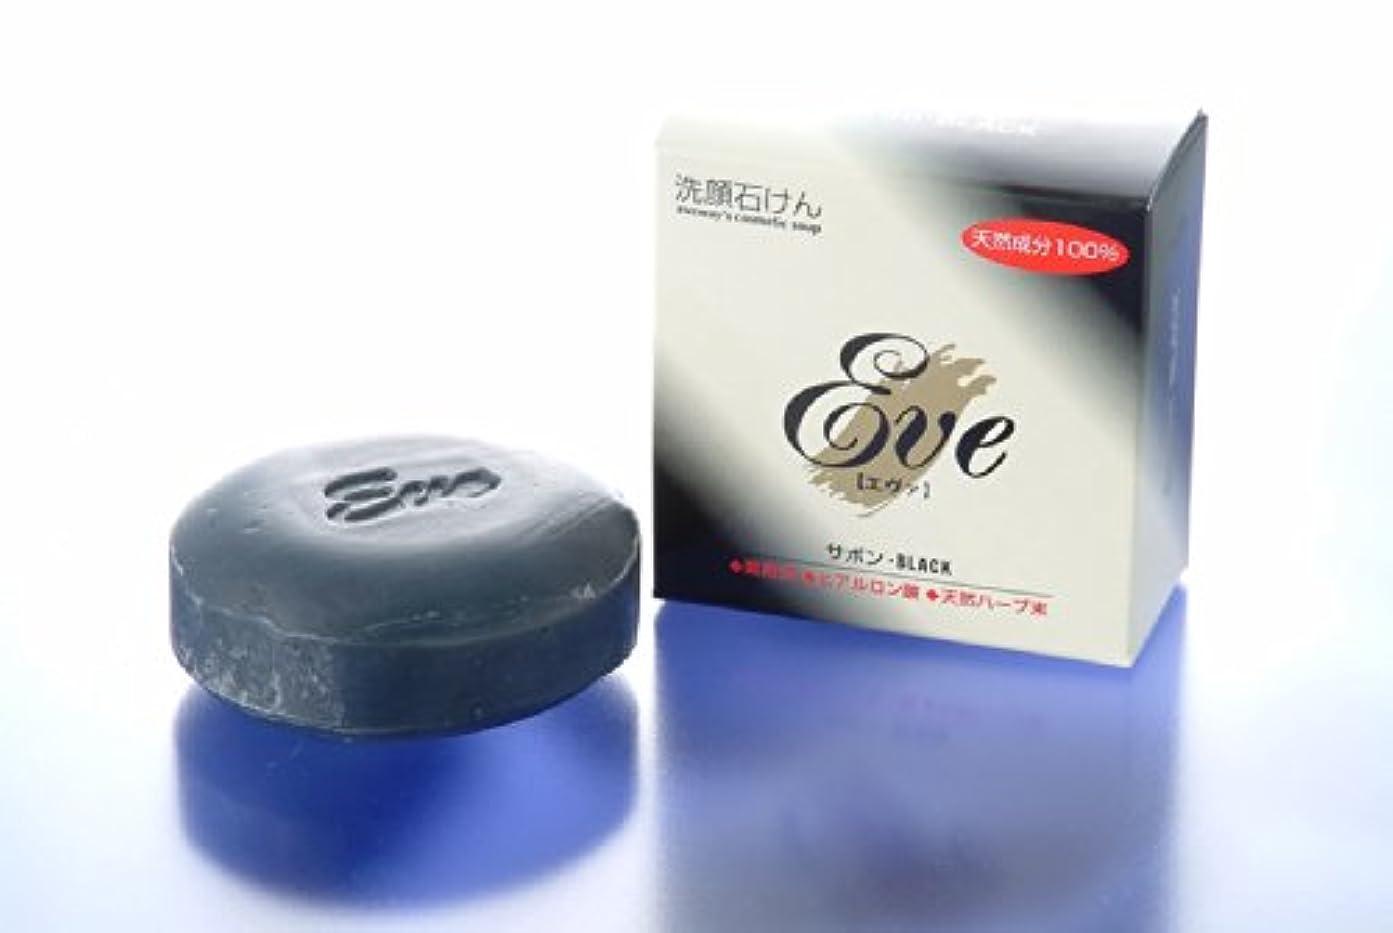 ローストシリングいらいらする洗顔 化粧石鹸 サボンブラック 5個セット クレンジングの要らない石鹸です。